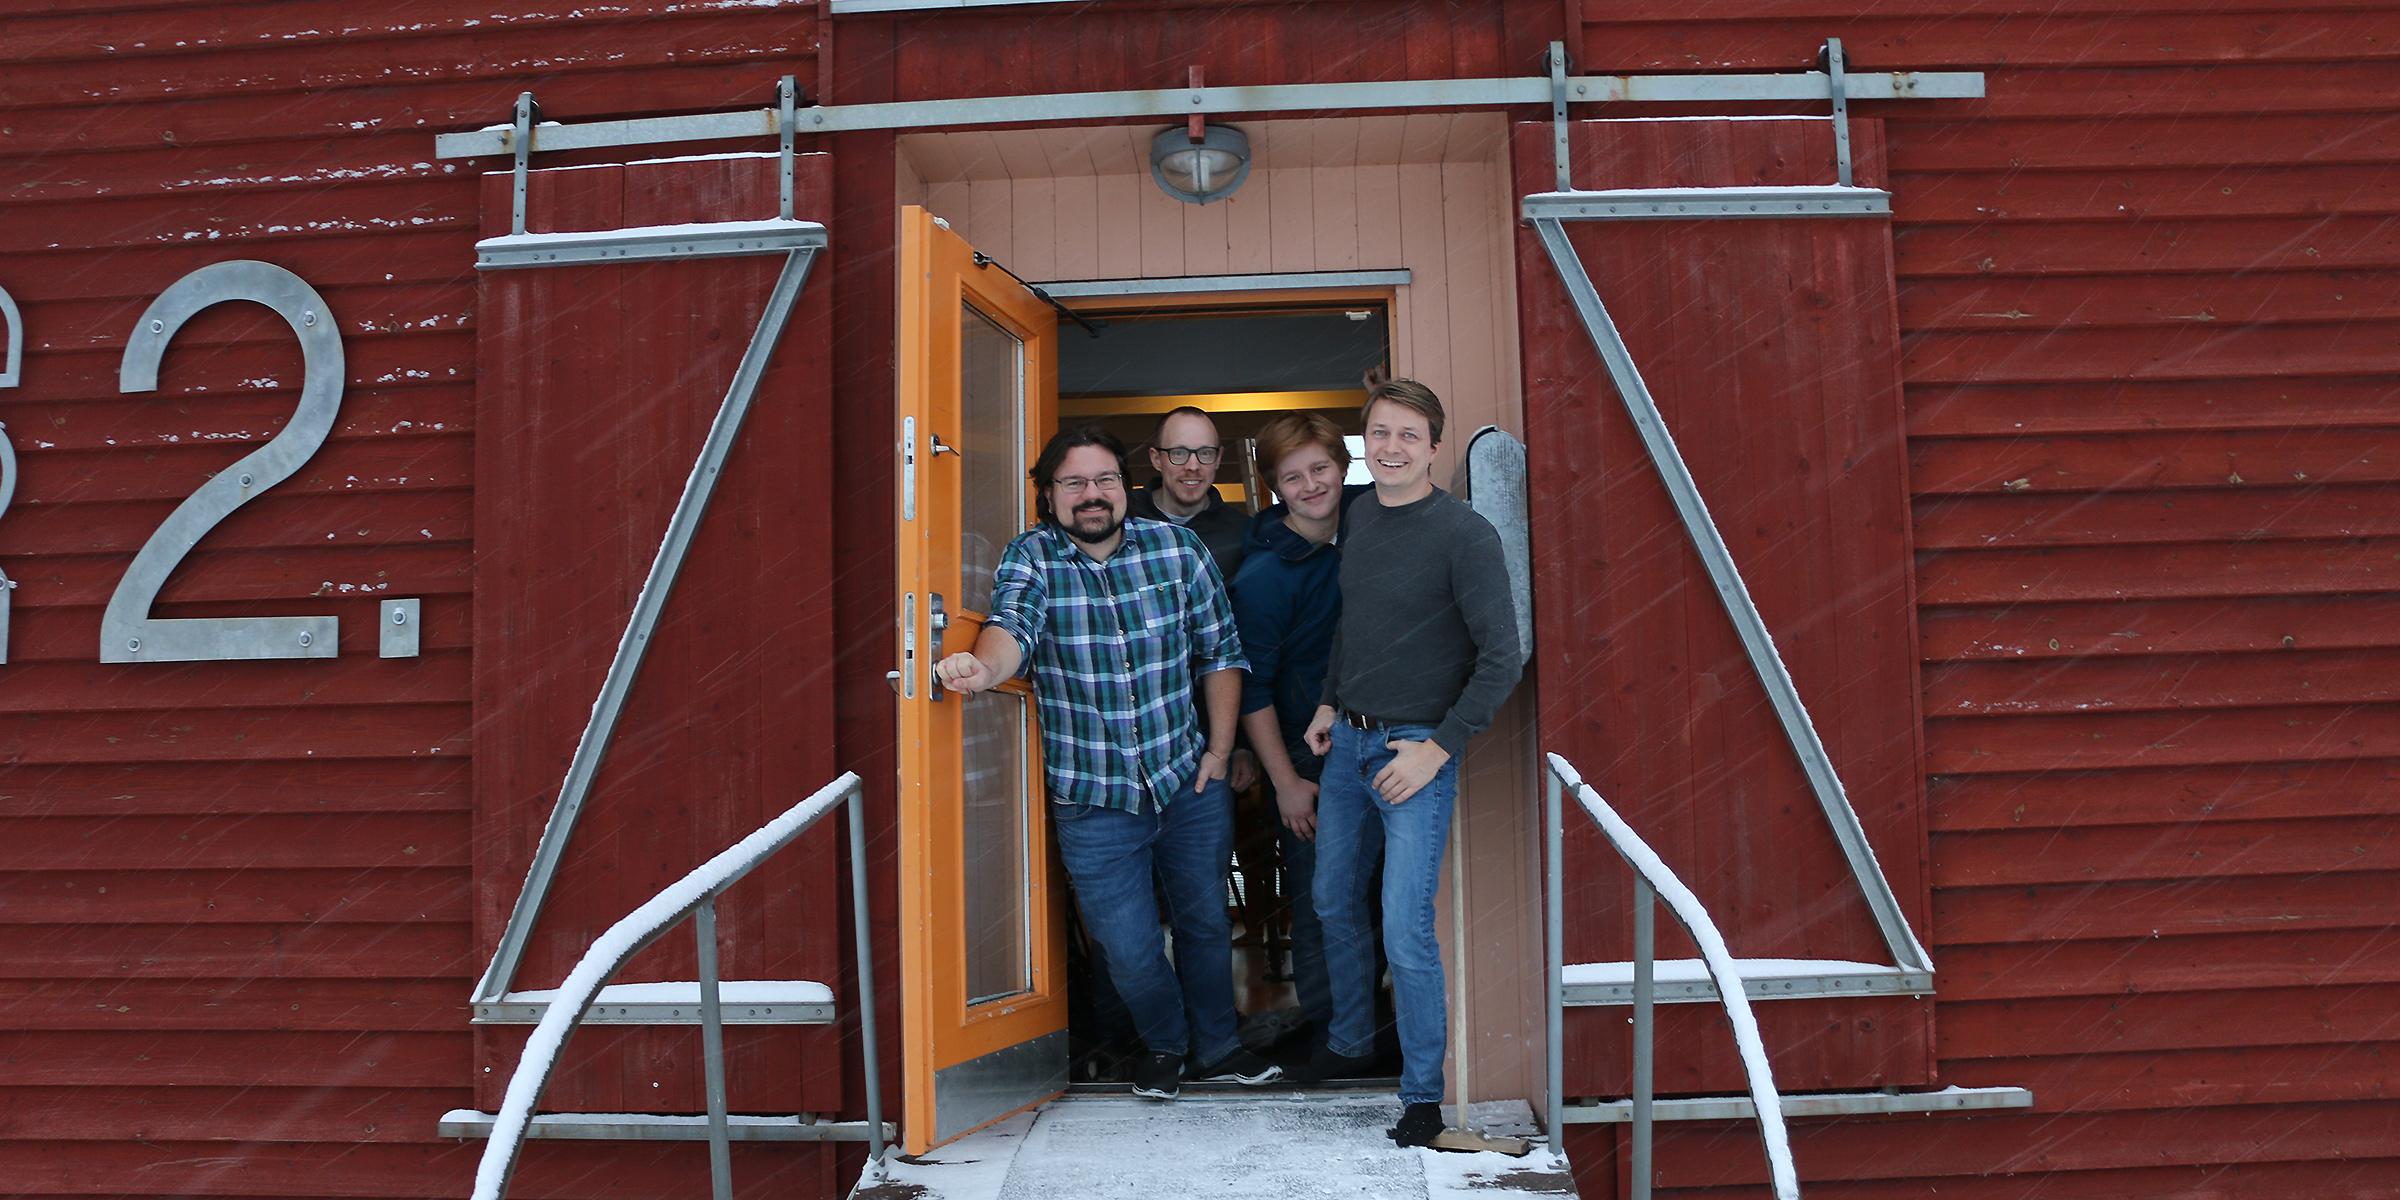 Andreas Lind, till höger, i dörren till Skillsters kontor i Umeå, tillsammans med några av medarbetarna.